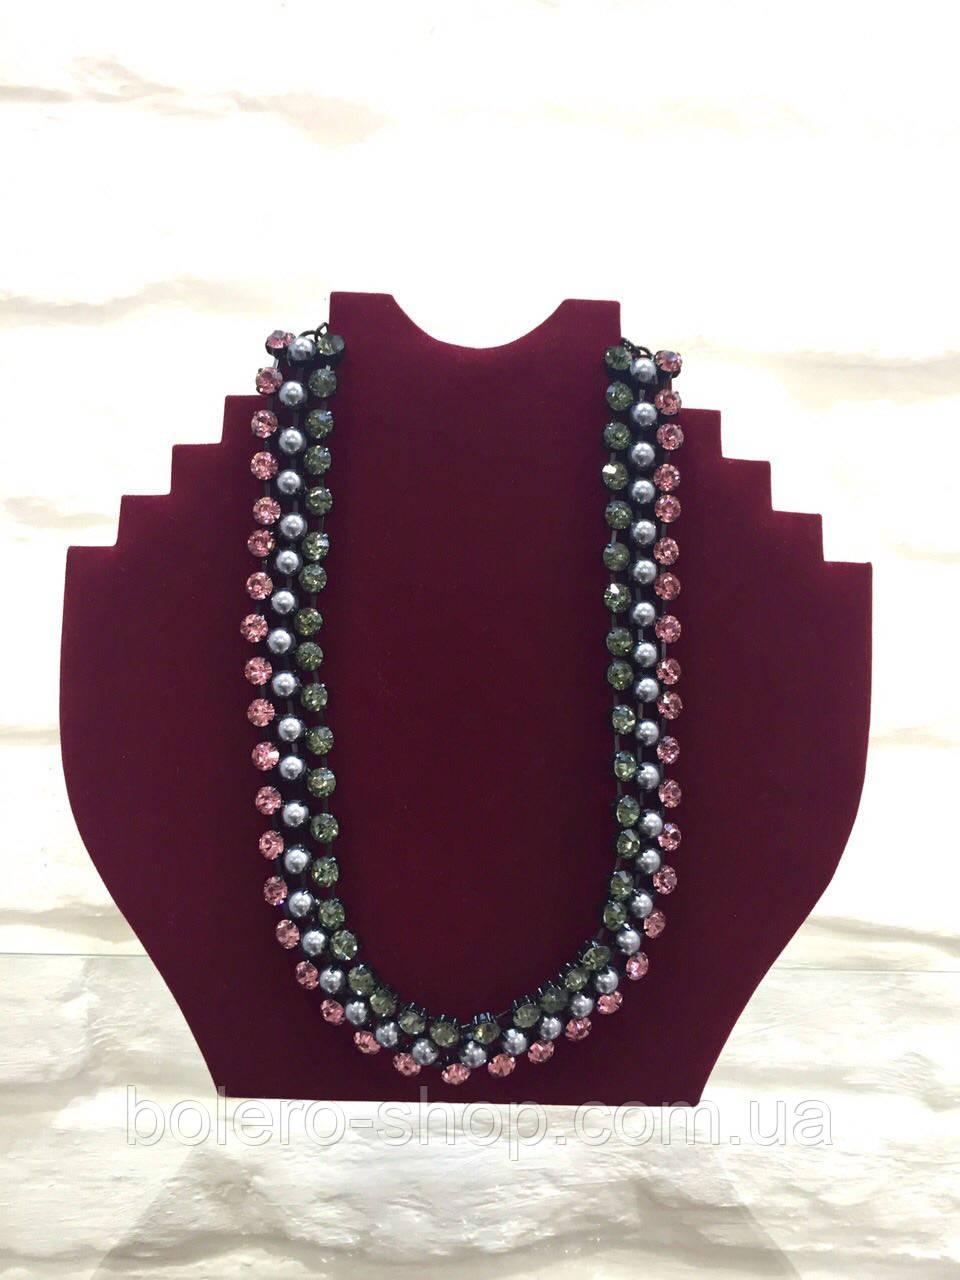 Брендовая женская бижутерия колье ожерелье с камнями